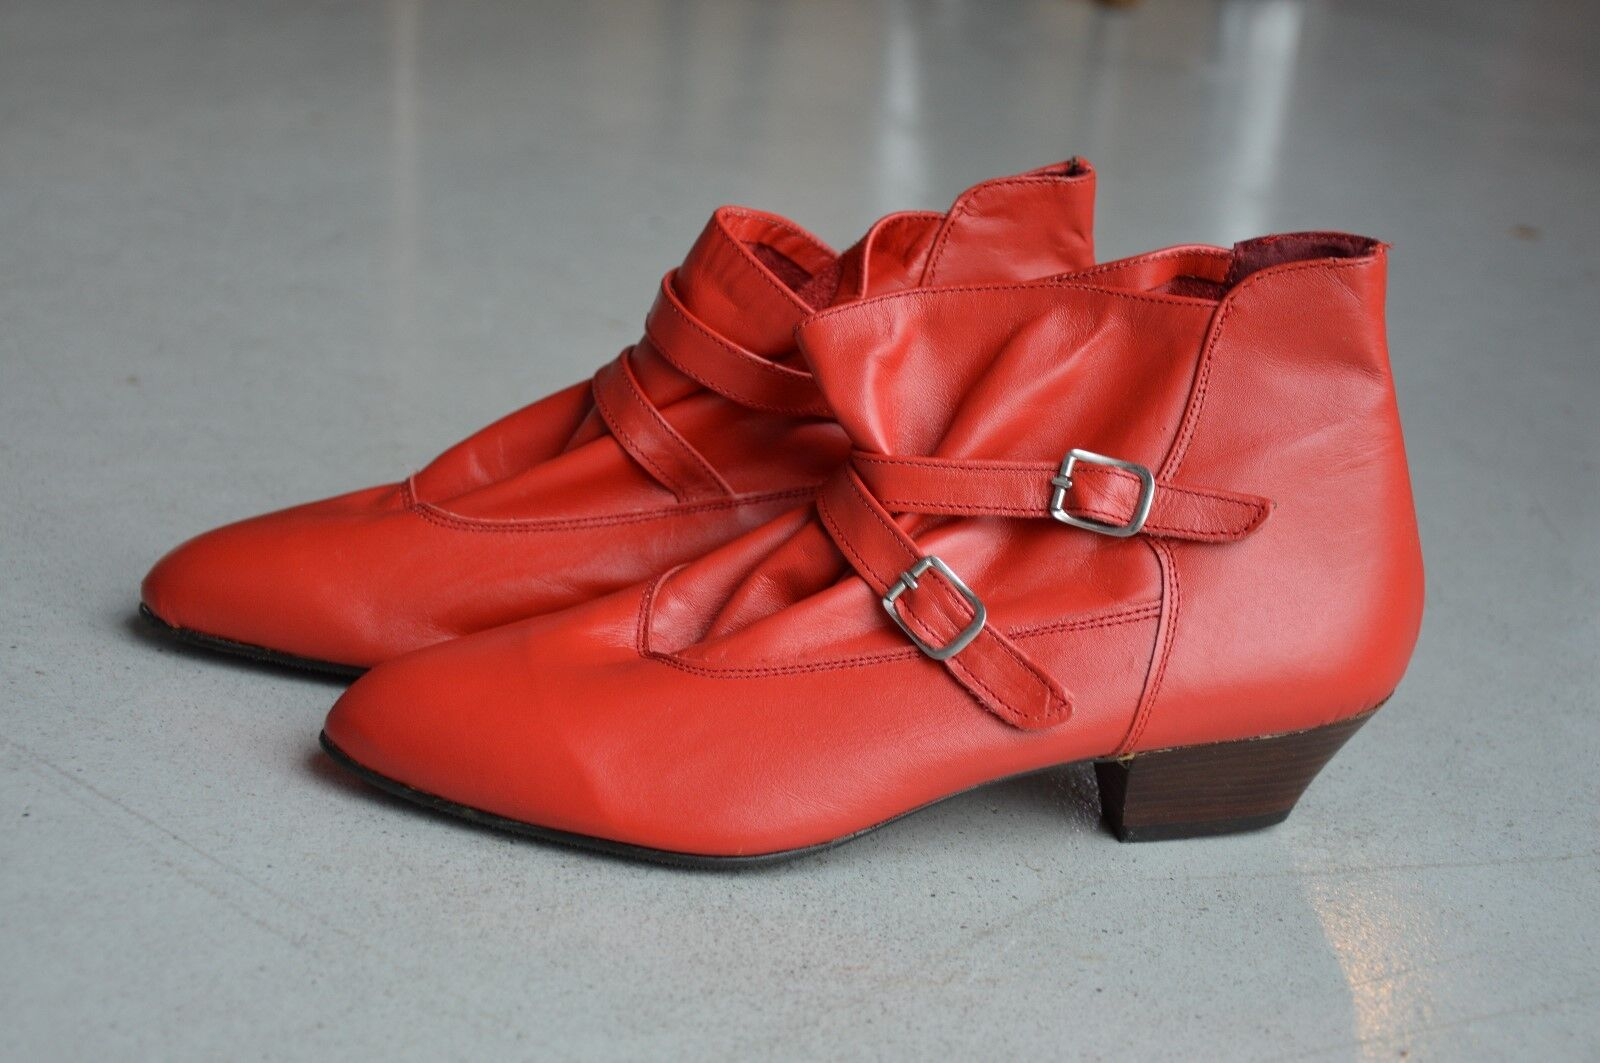 Stiefel Stiefelette gerafft Schnallen OVP 80er True Vintage 80s ankle Stiefel NOS